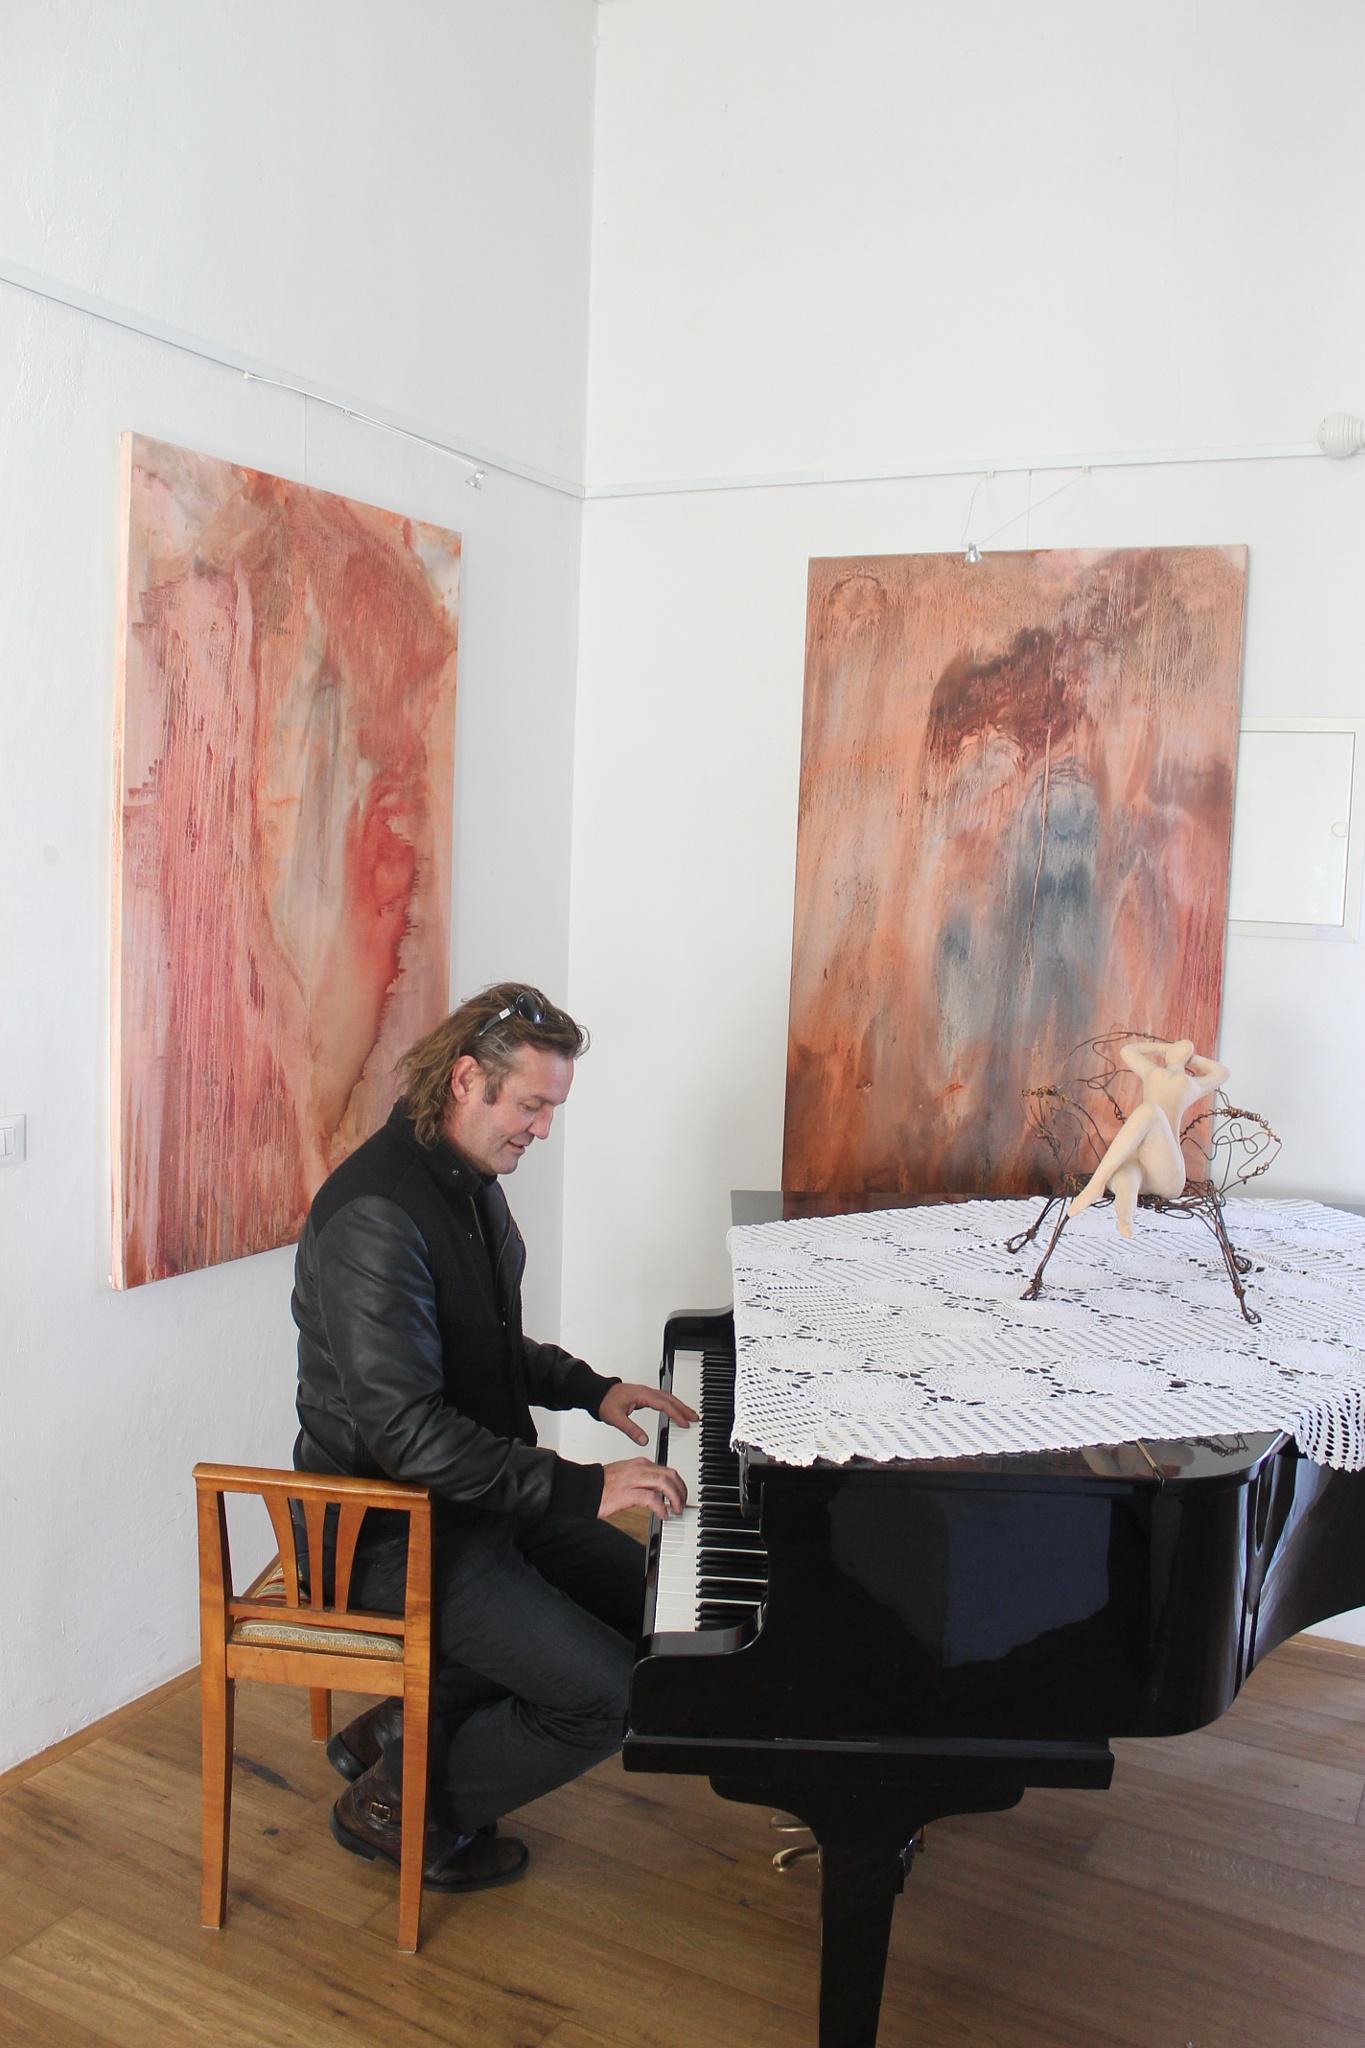 Exhibition by Janez Štros